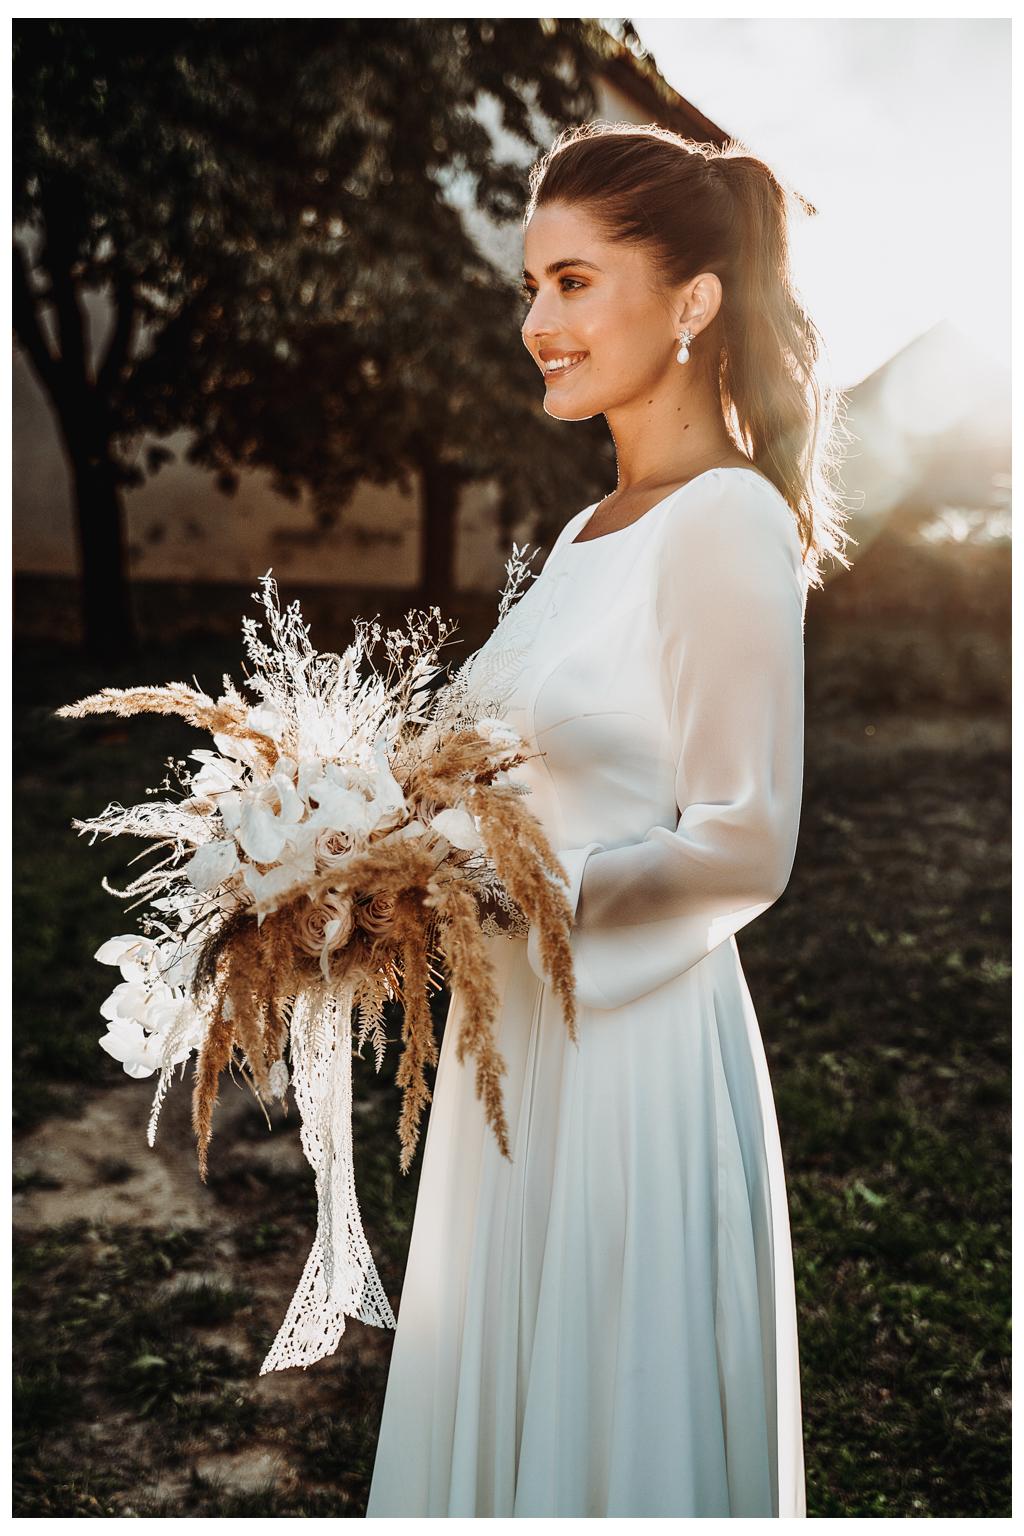 Šifonové svatební šaty DOVE